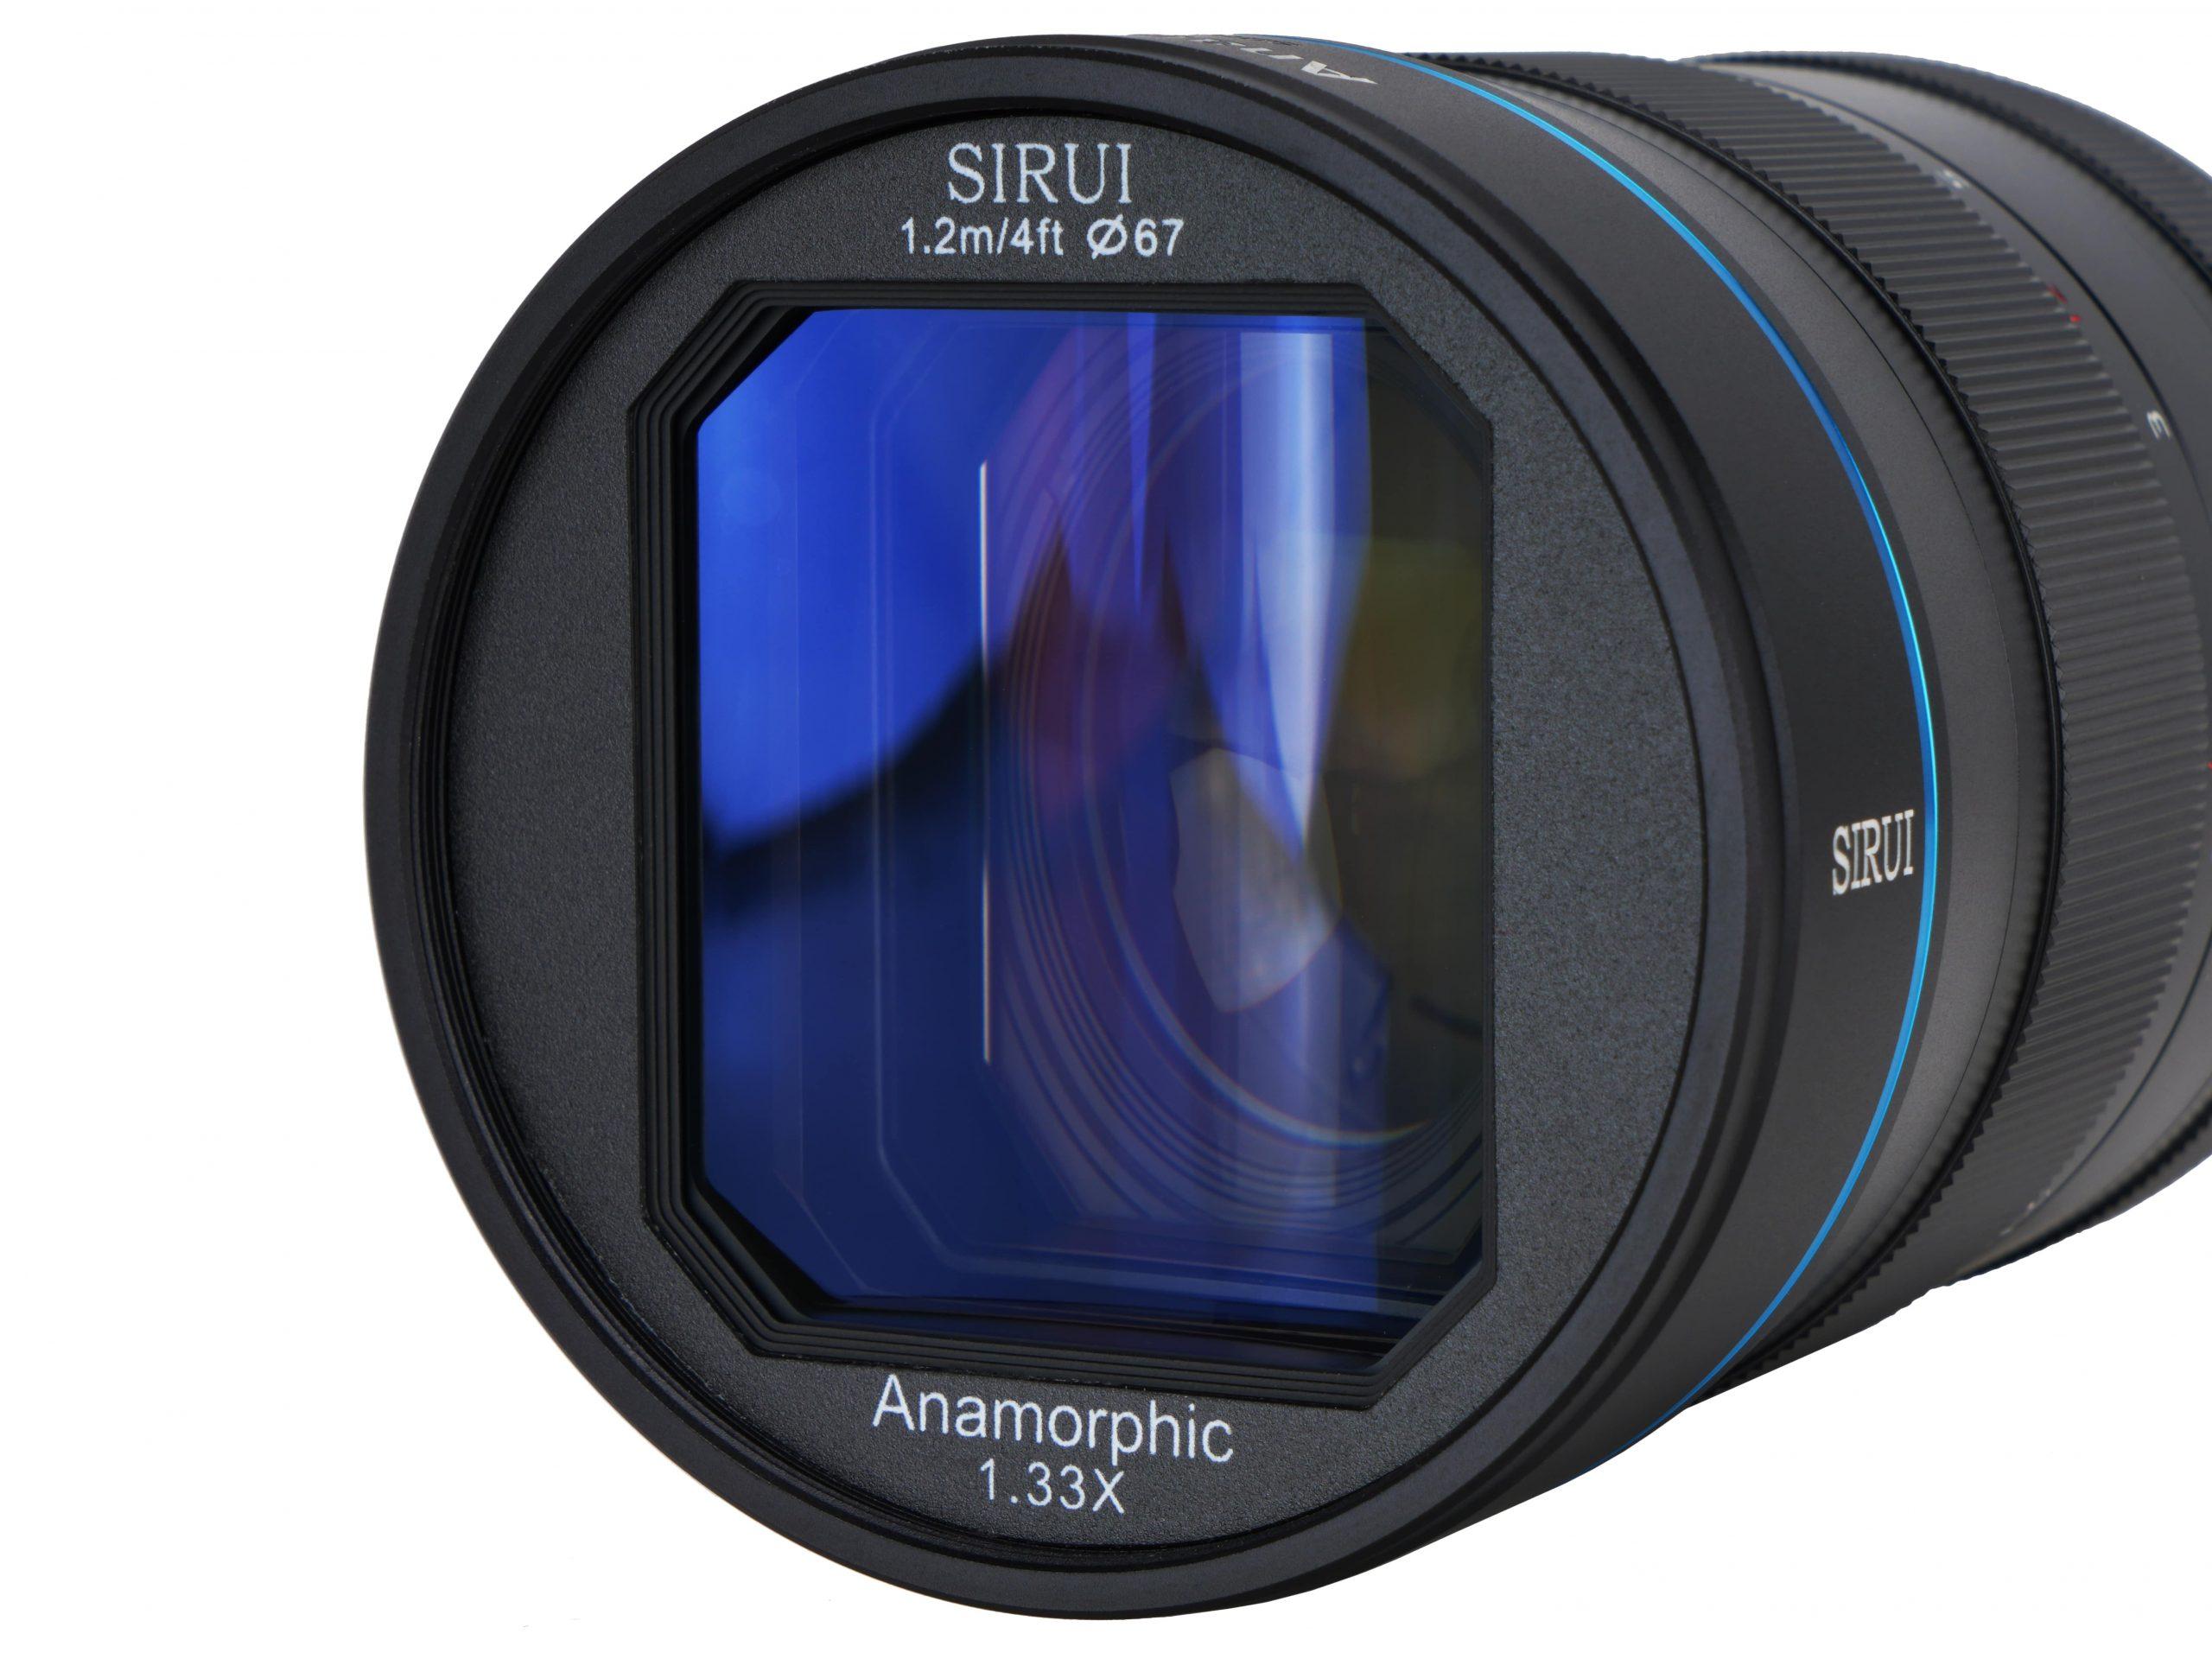 SIRUI 75mm f/1.8 1.33x Anamorphic